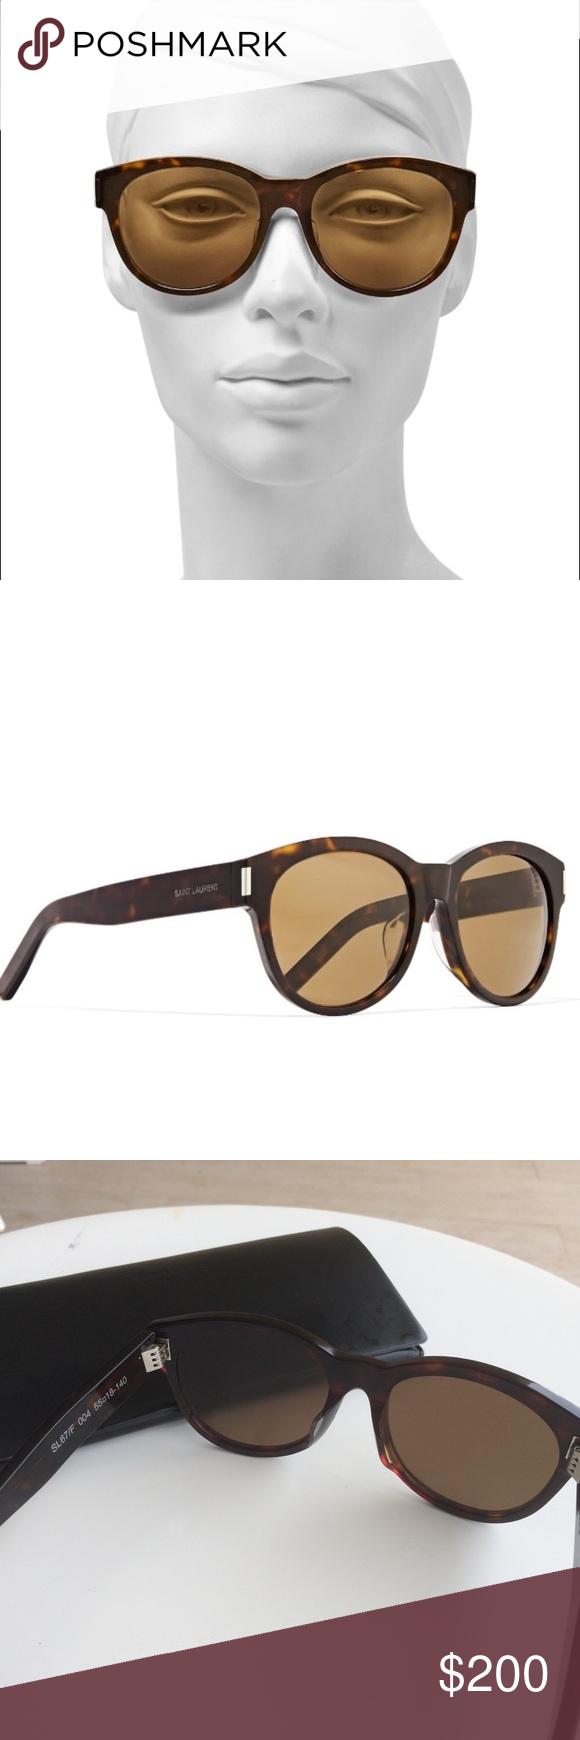 75465696e Saint Laurent Avana SL 67 sunglasses Tortoise shell pattern, excellent  condition. No scratches. Not polarized. Yves Saint Laurent Accessories  Sunglasses